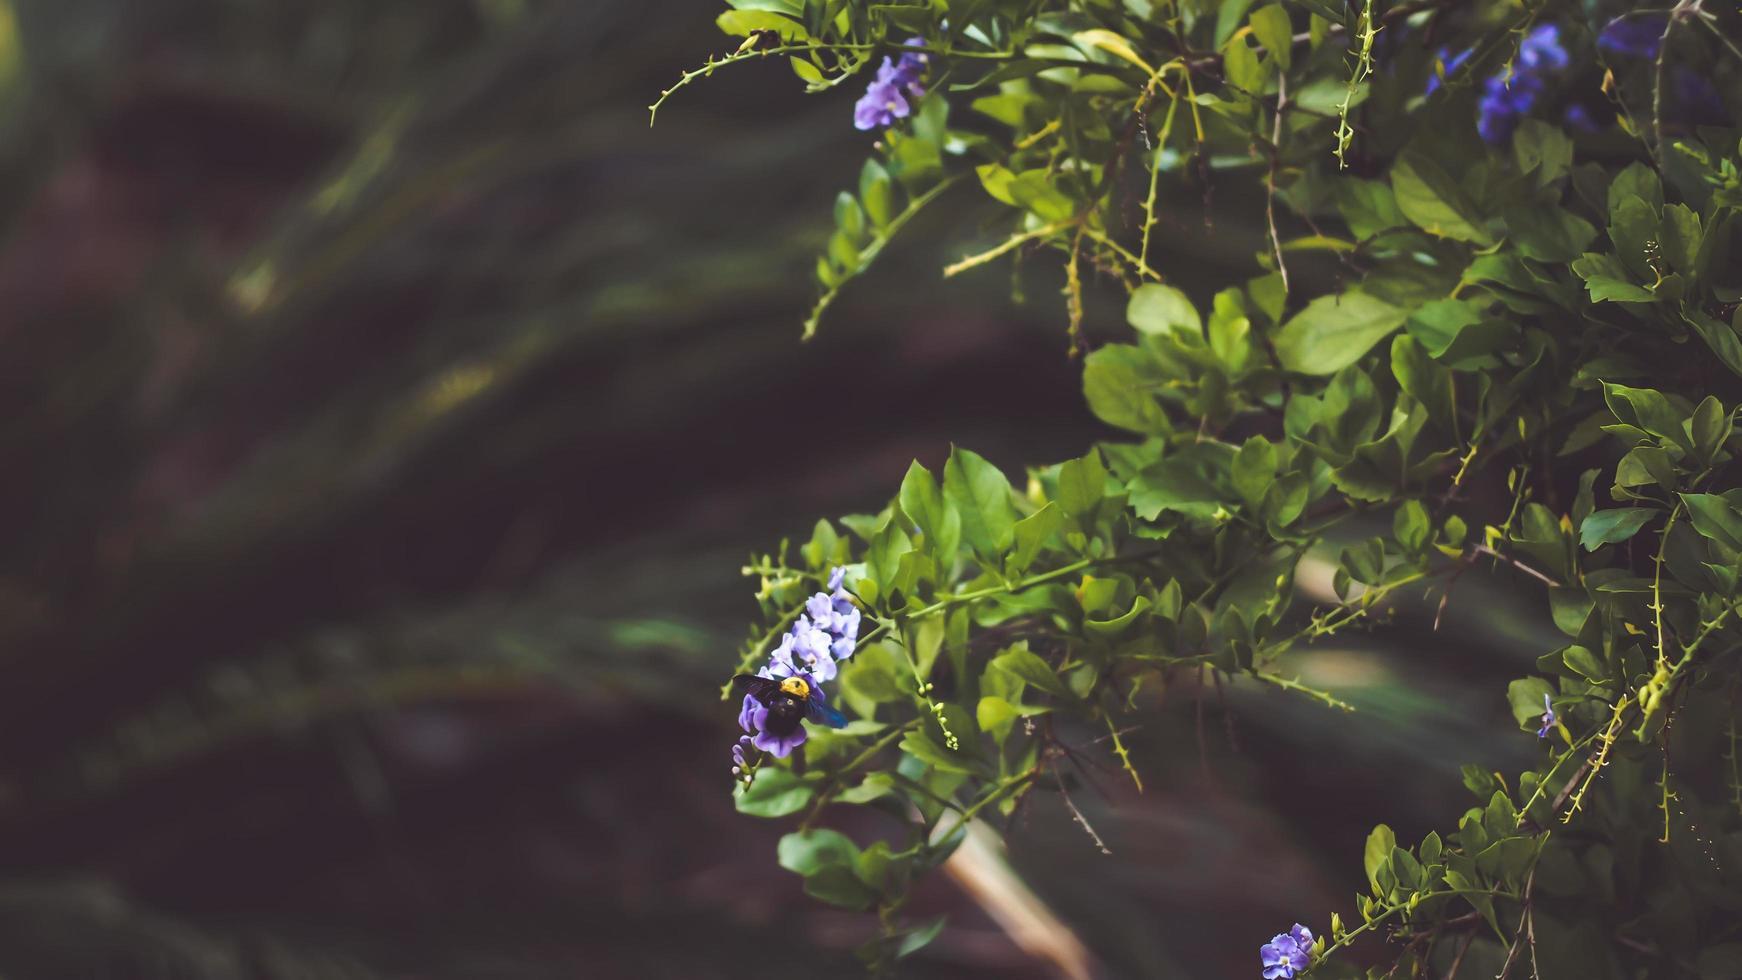 humla på en lila blomma foto